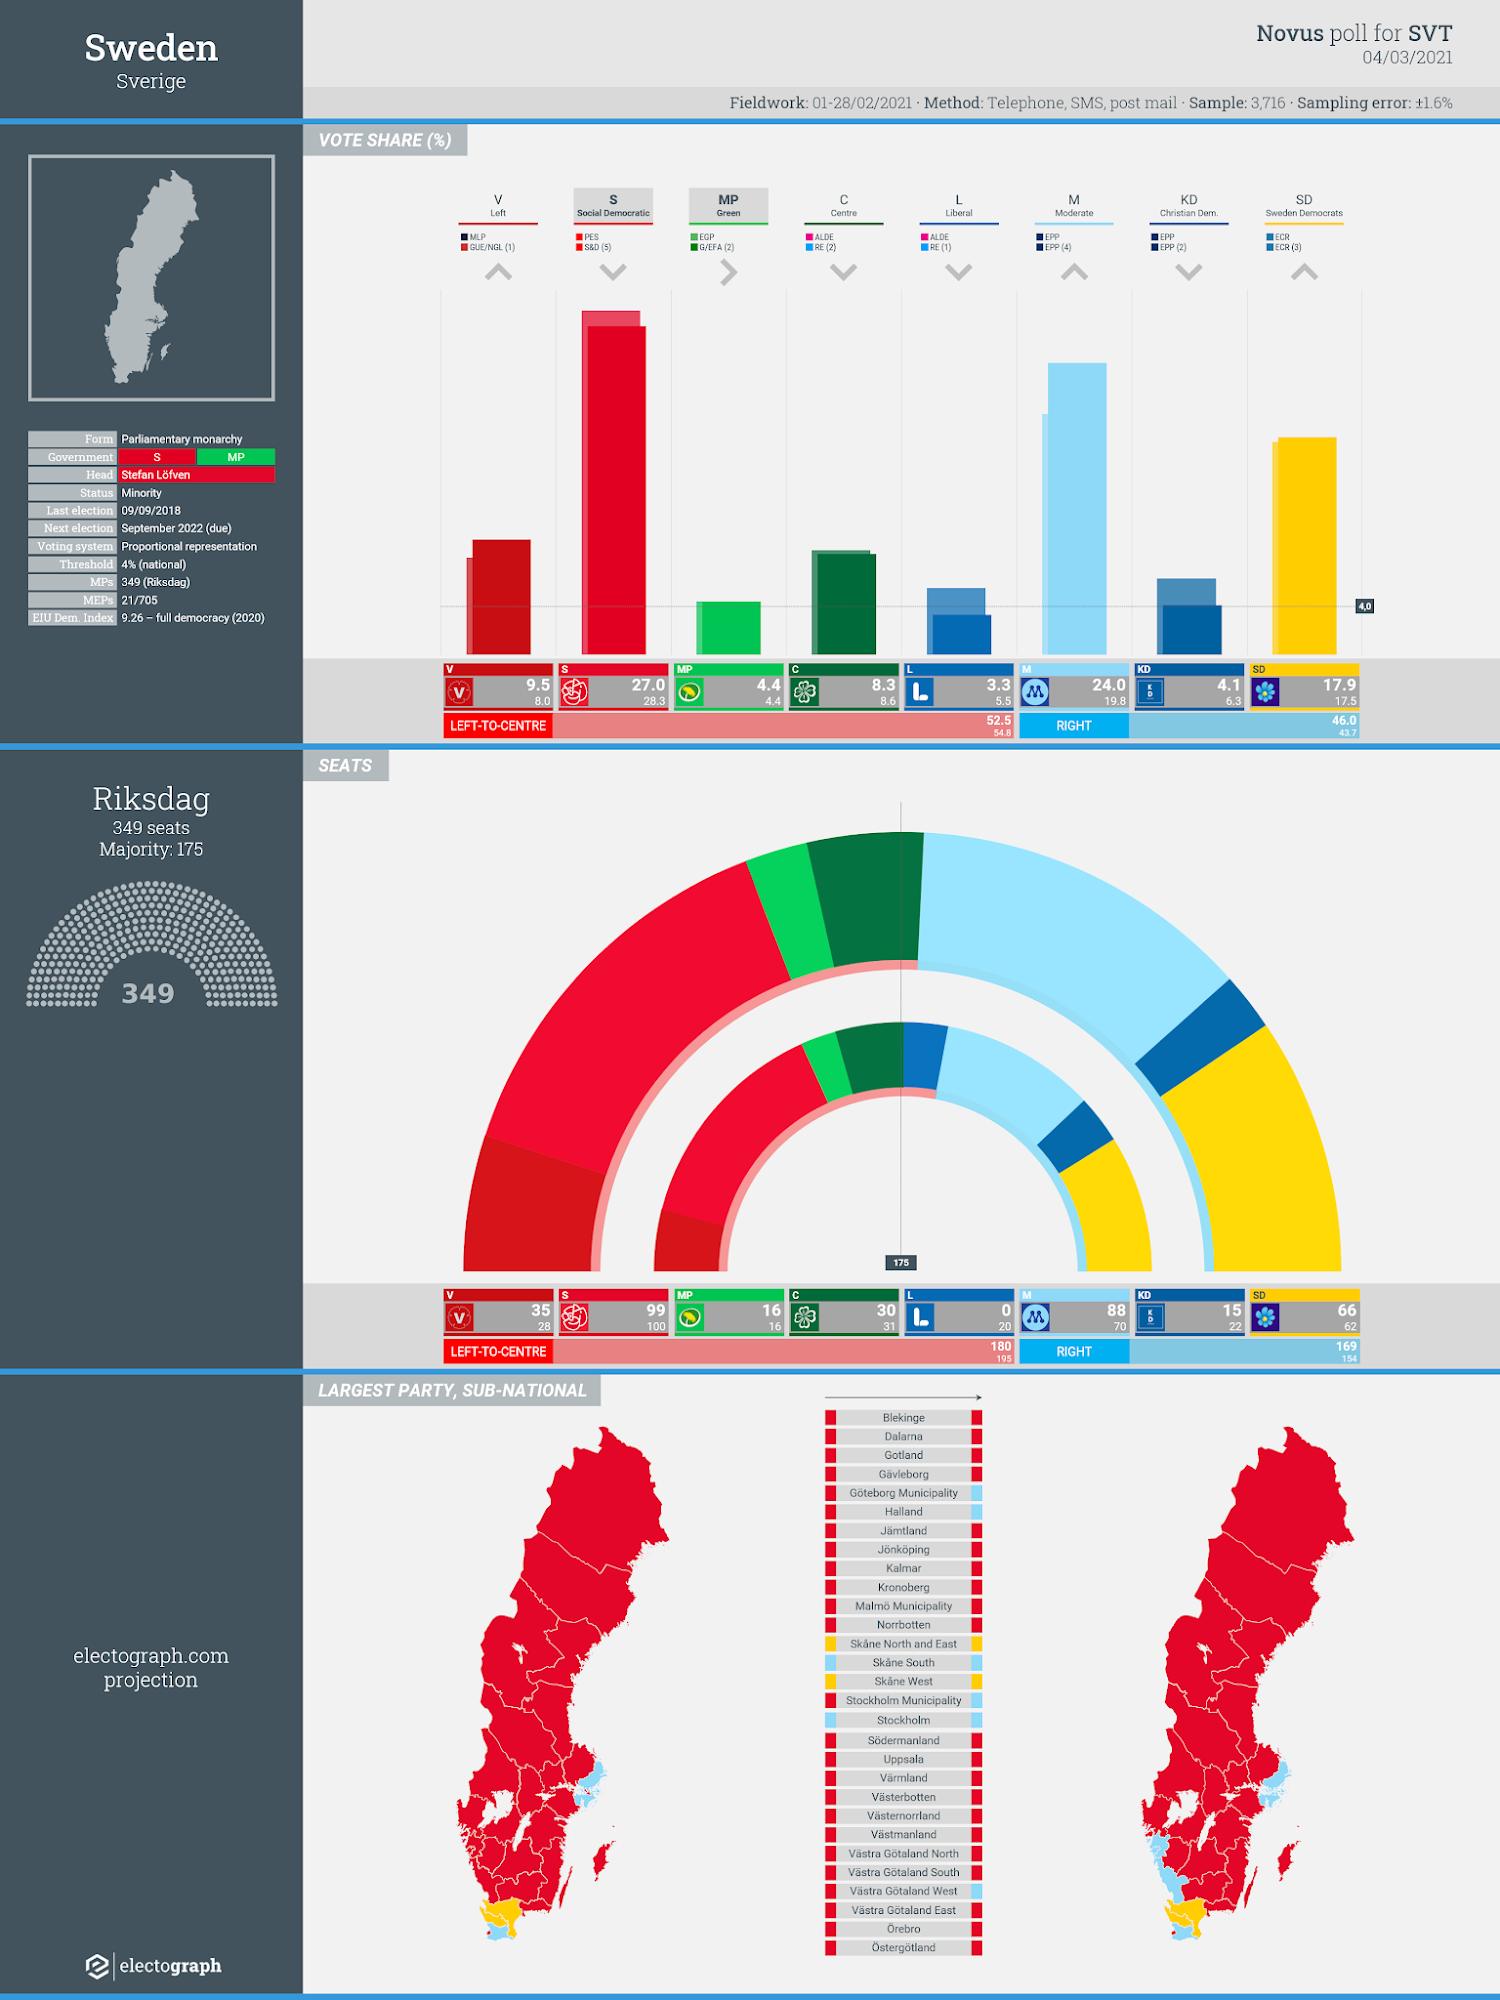 SWEDEN: Novus poll chart for SVT, 4 March 2021